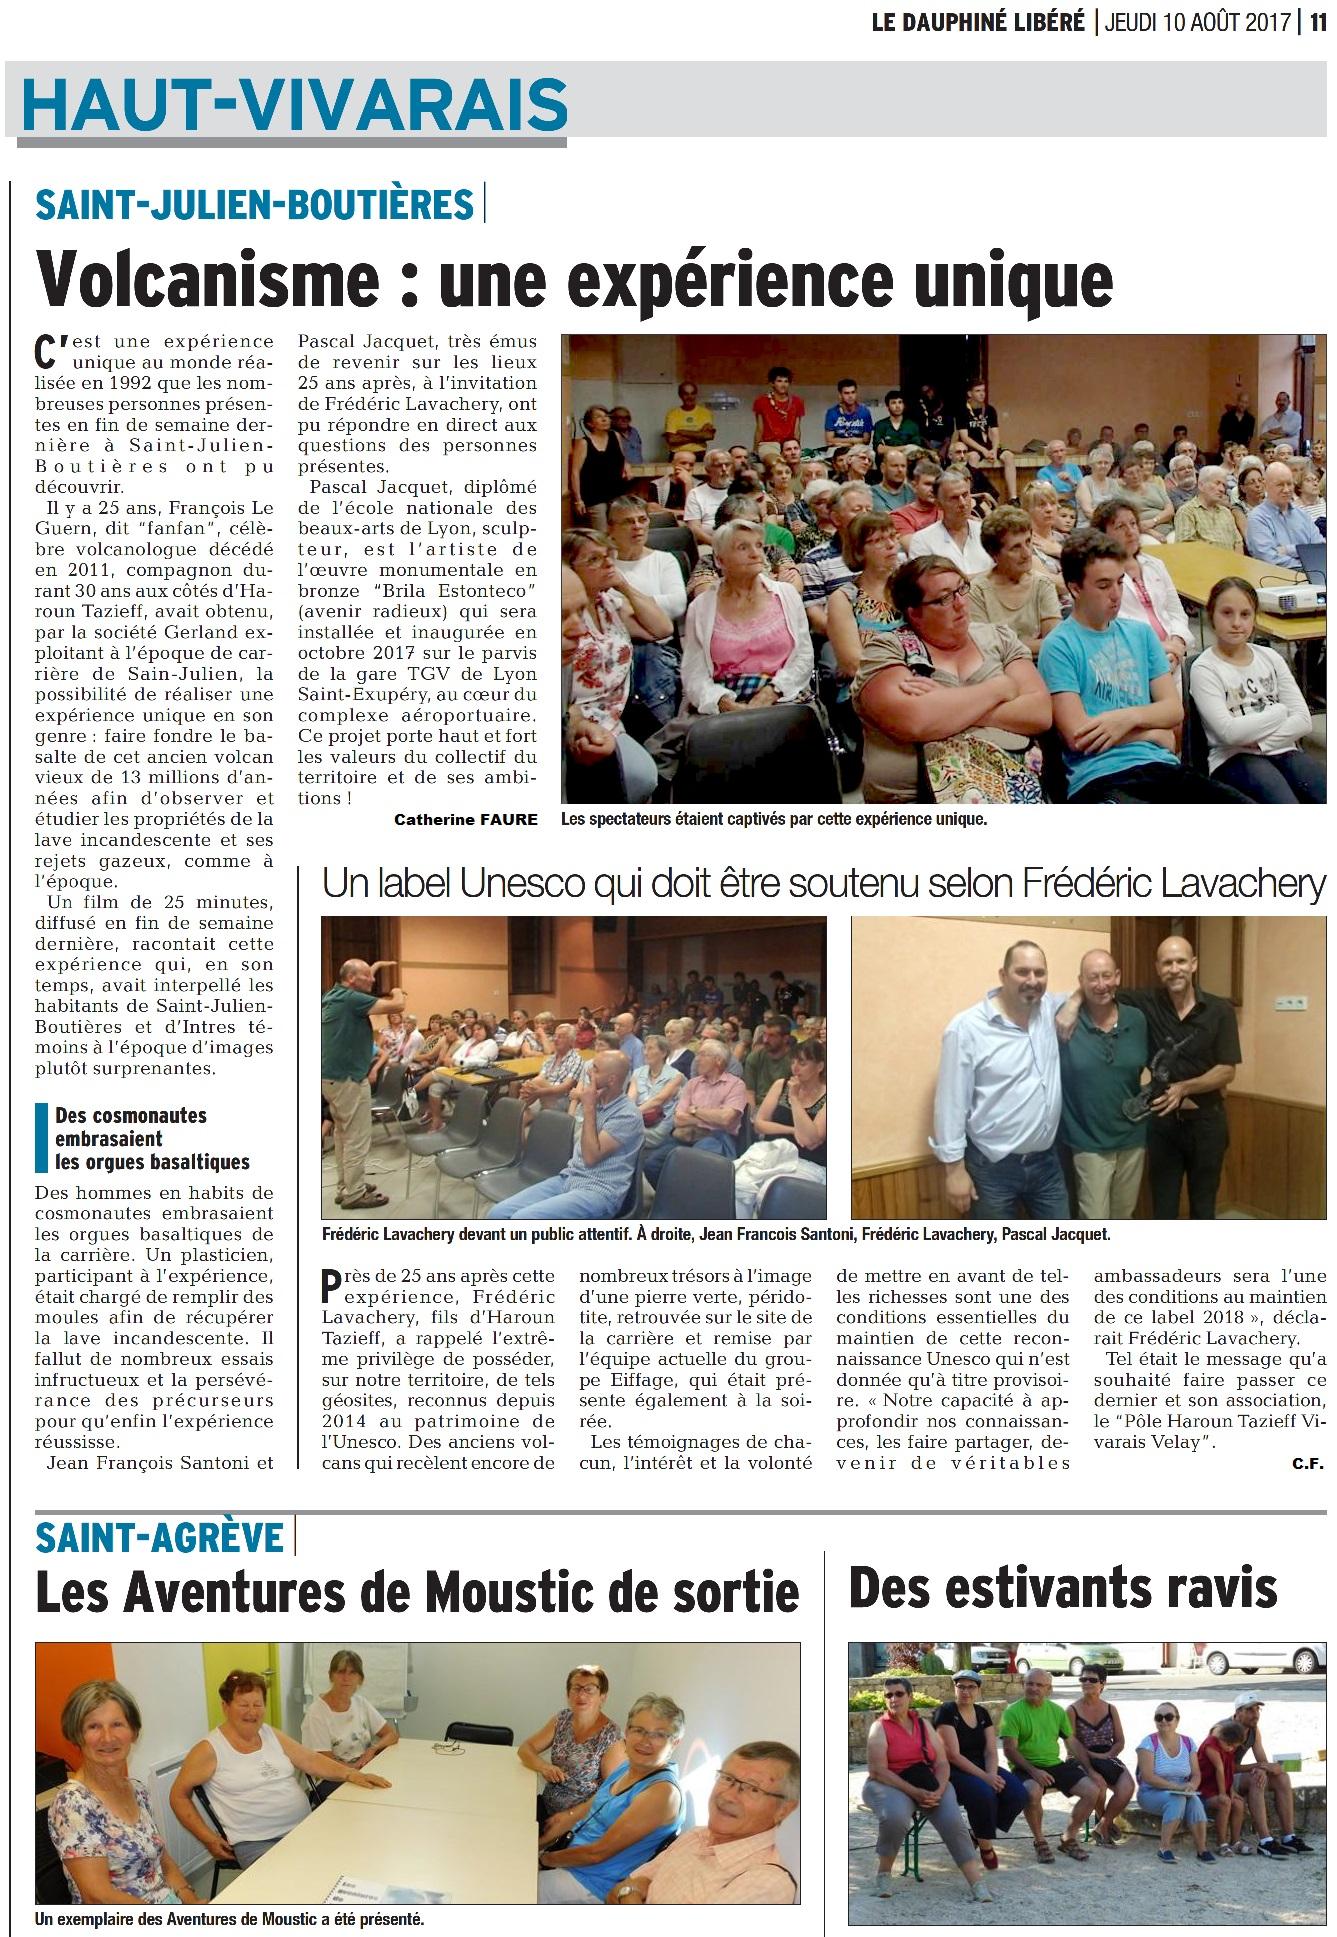 Dauphiné-libéré_du_10-08-2017_page11